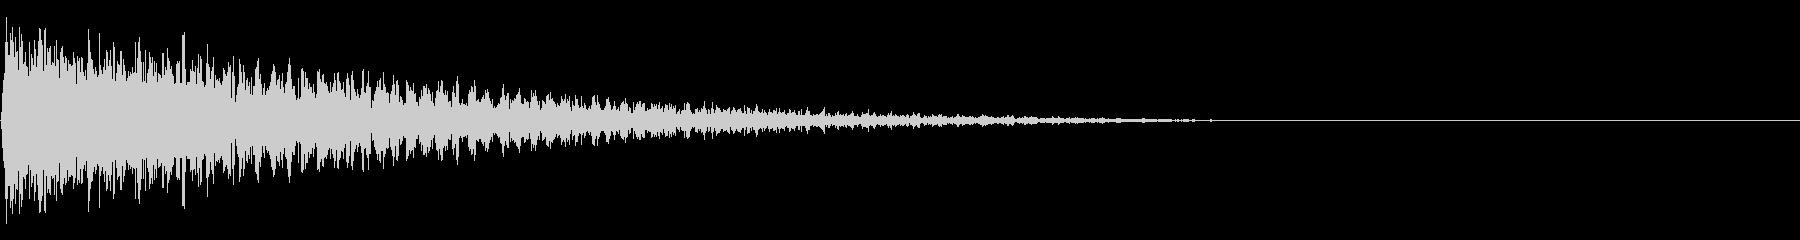 ガーン(がっかり、ショック)03の未再生の波形